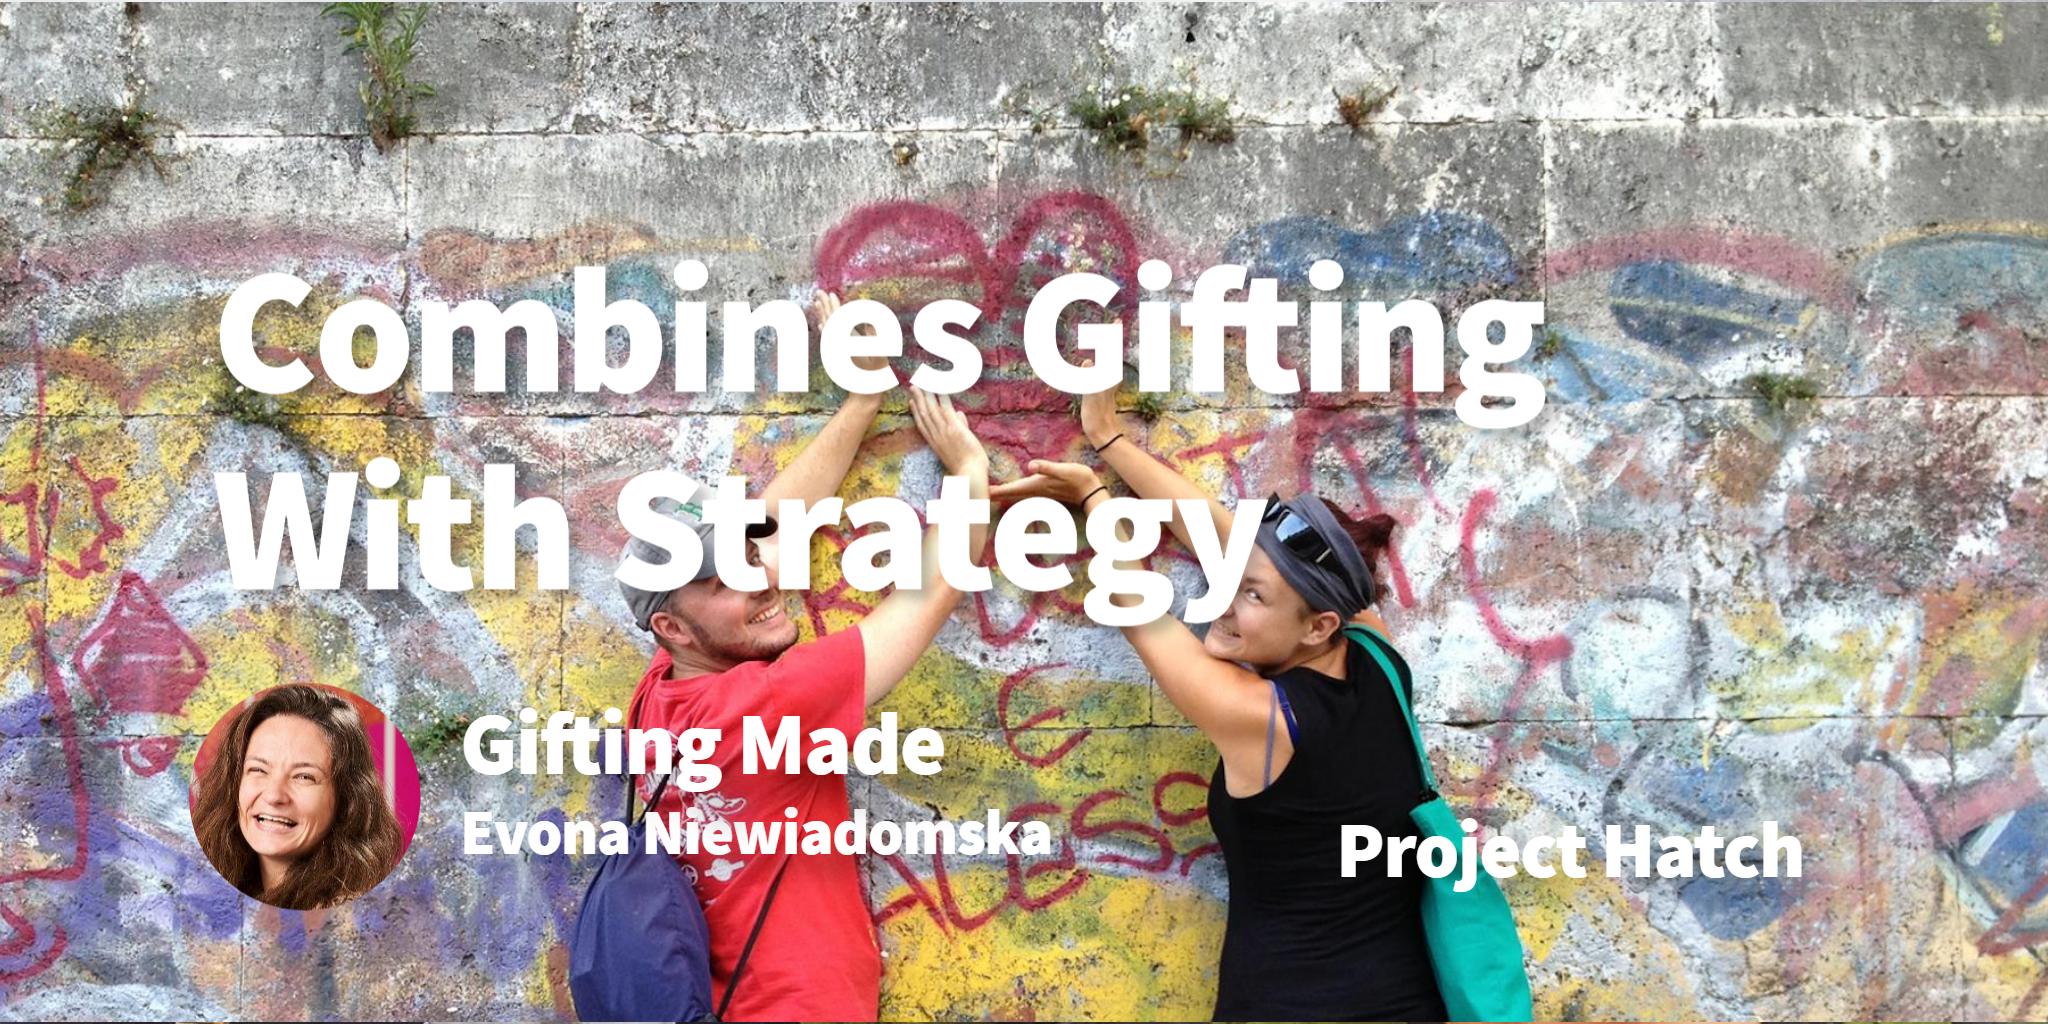 Gifting Made Evona Niewiadomska